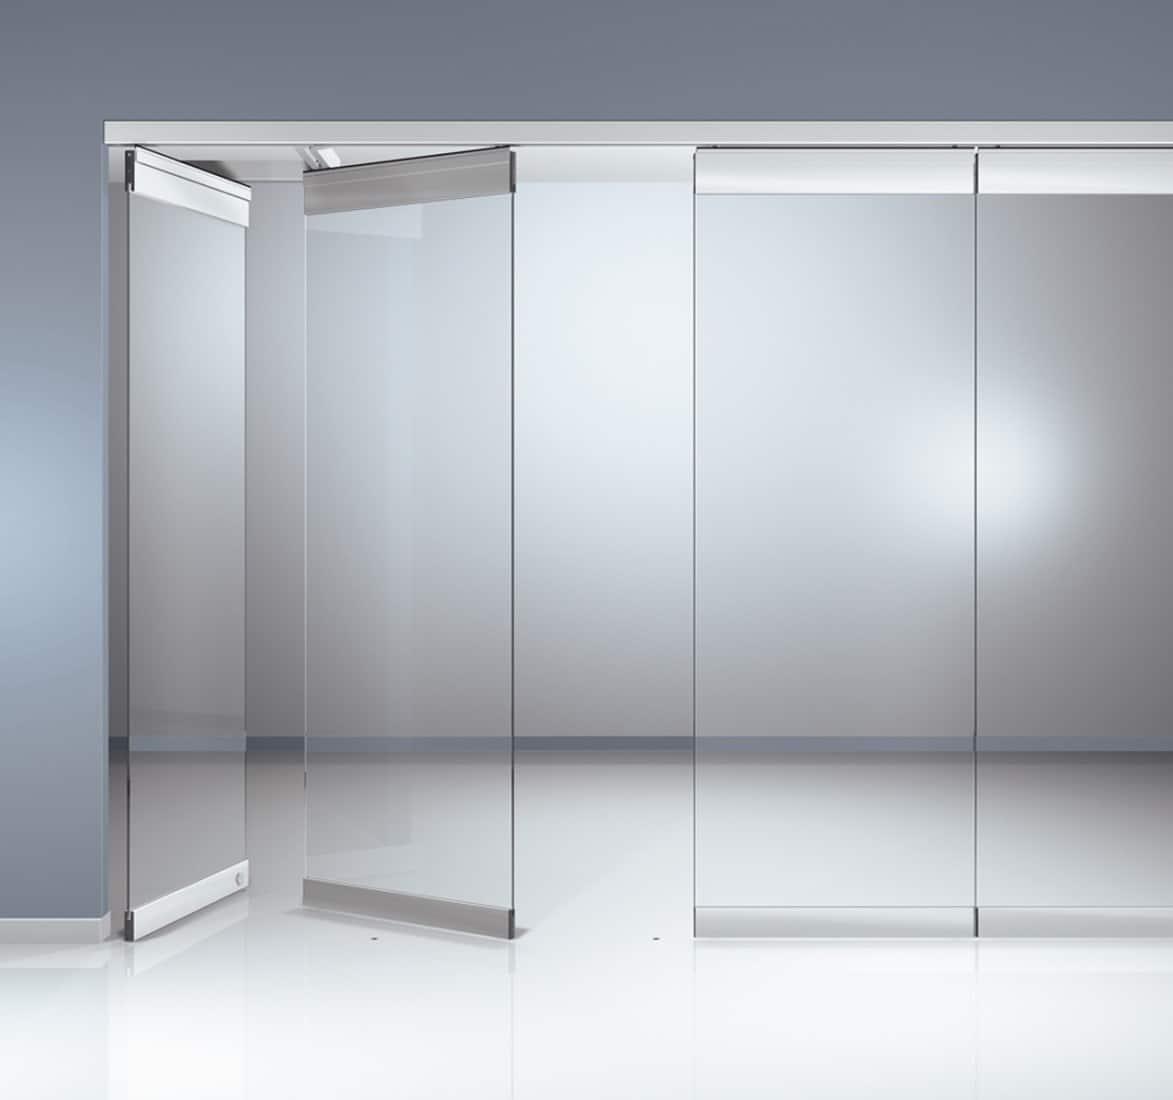 Cửa kính cường lực với bề mặt trong suốt thâu tóm không gian bên trong nhà bạn